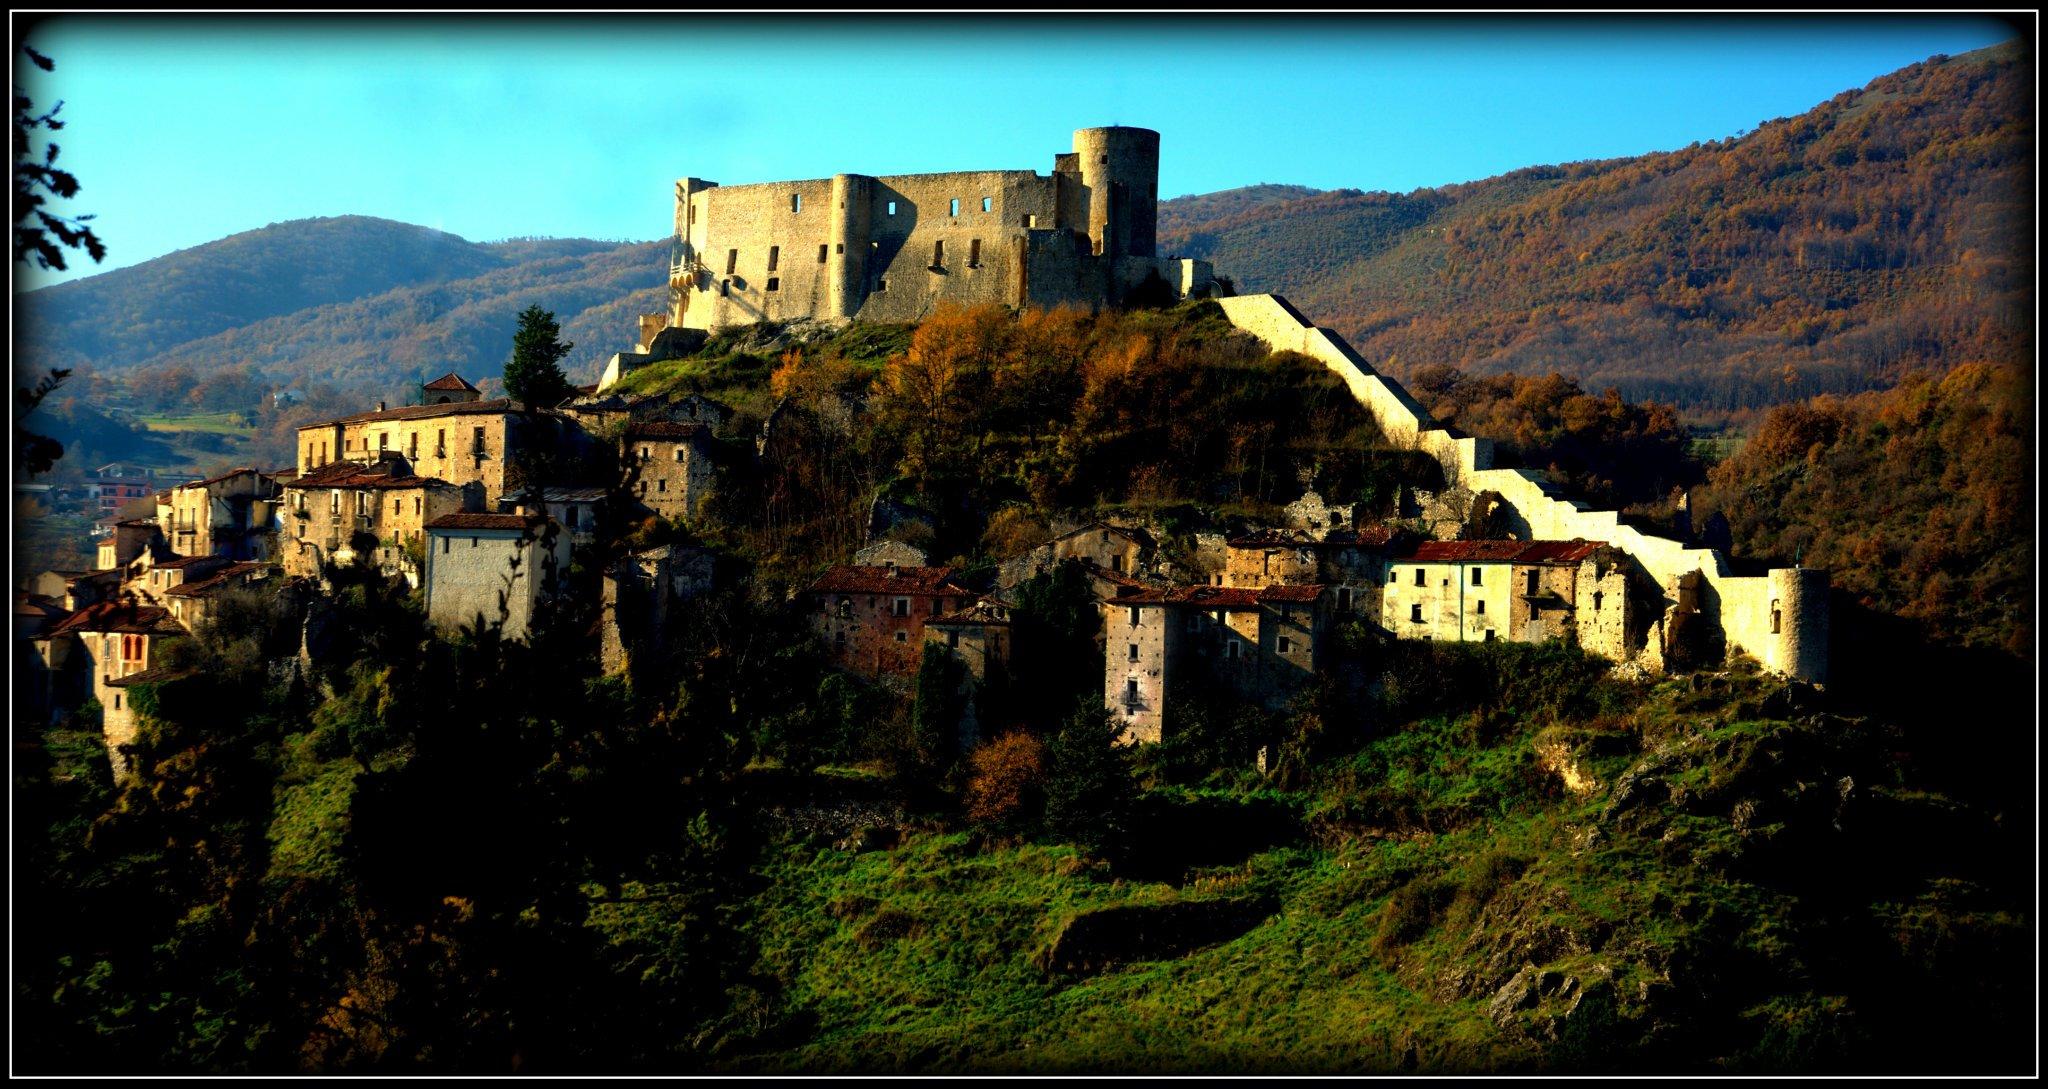 Castello Caracciolo - Secret World